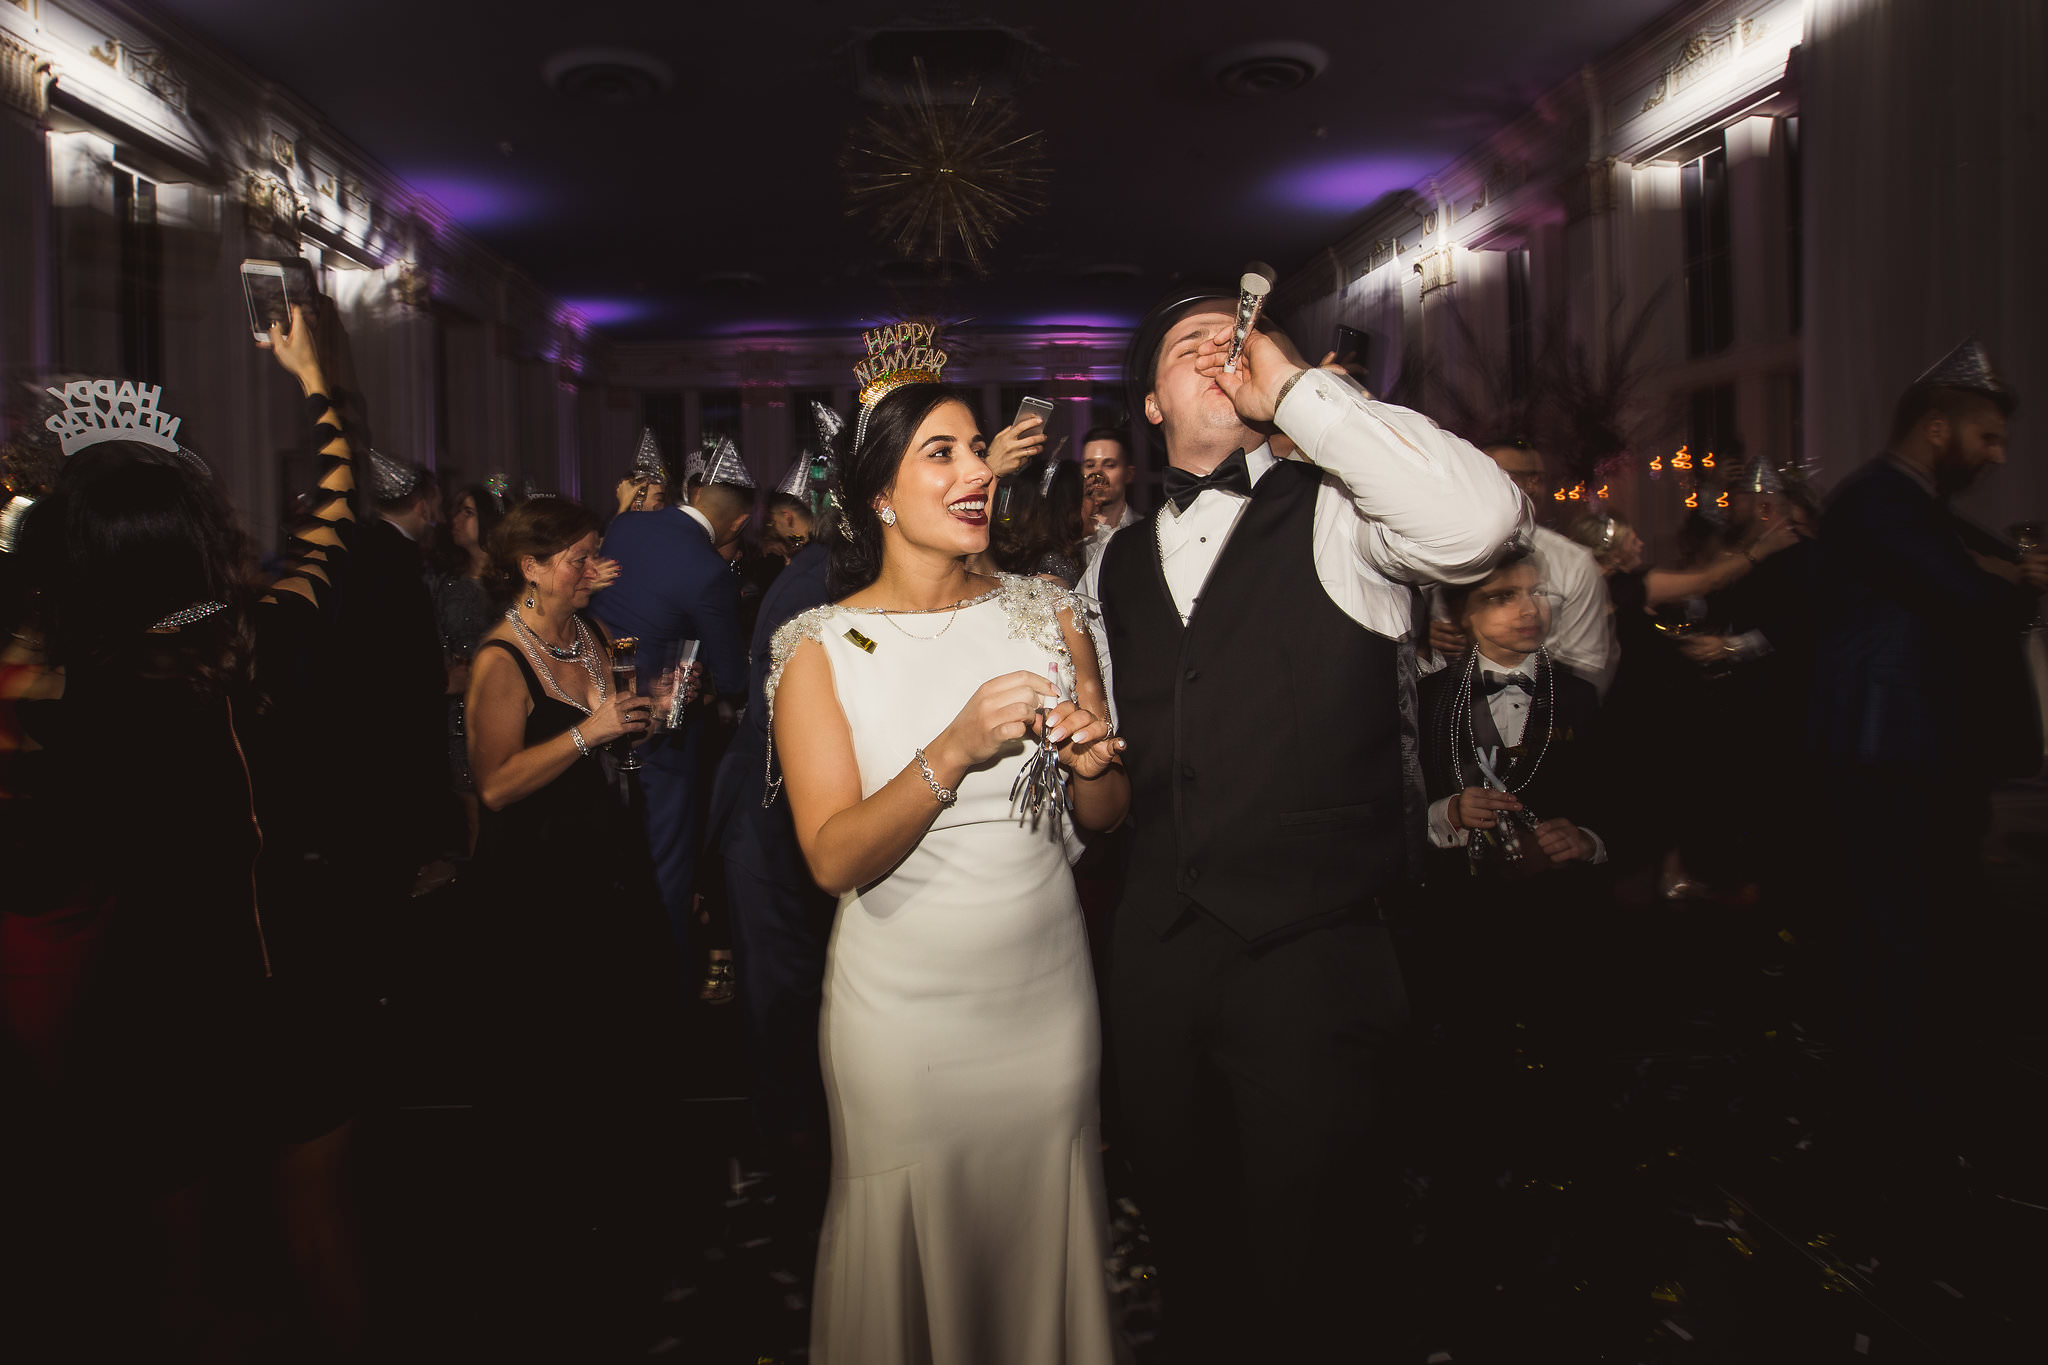 Rebecca Michael King Edward Hotel NYE Wedding Photos 888 - King Edward Hotel Wedding Photos